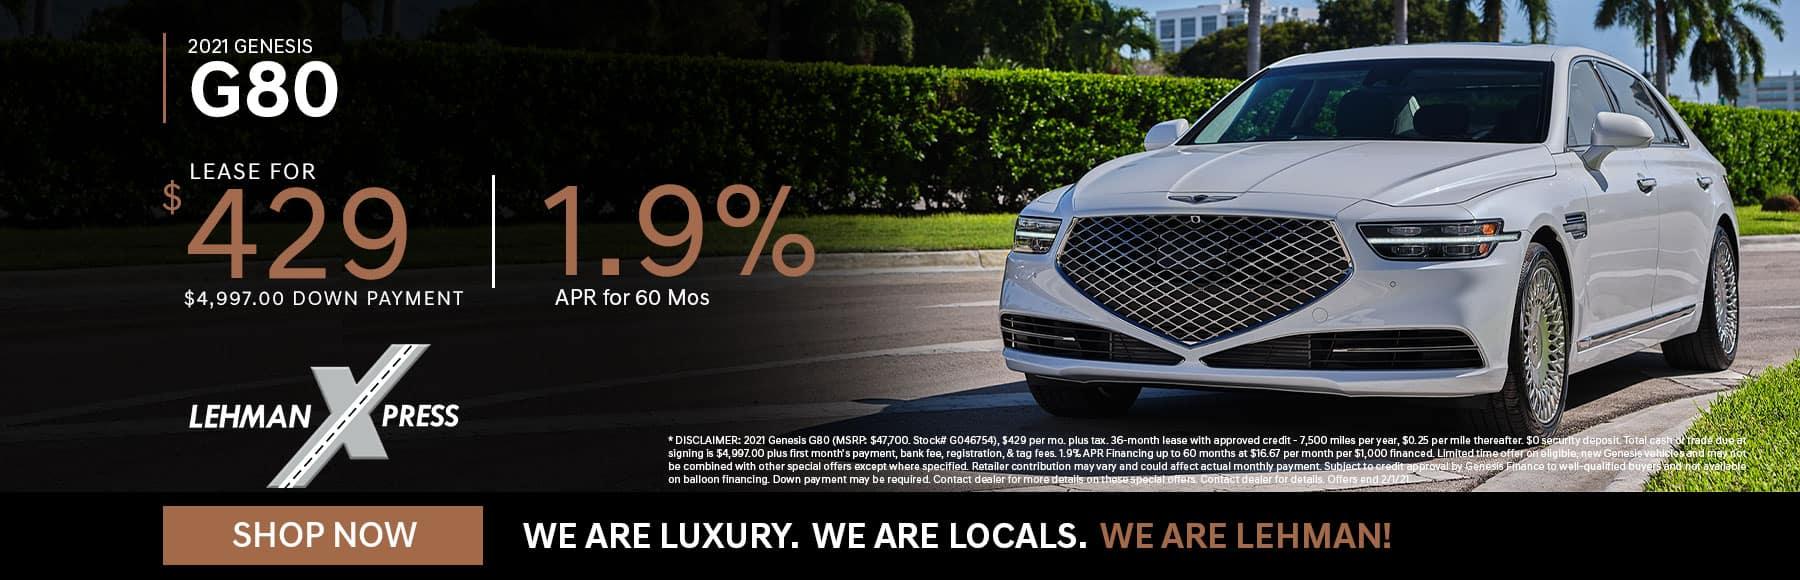 lehman-genesis-homepage-slides-january-2021-G80